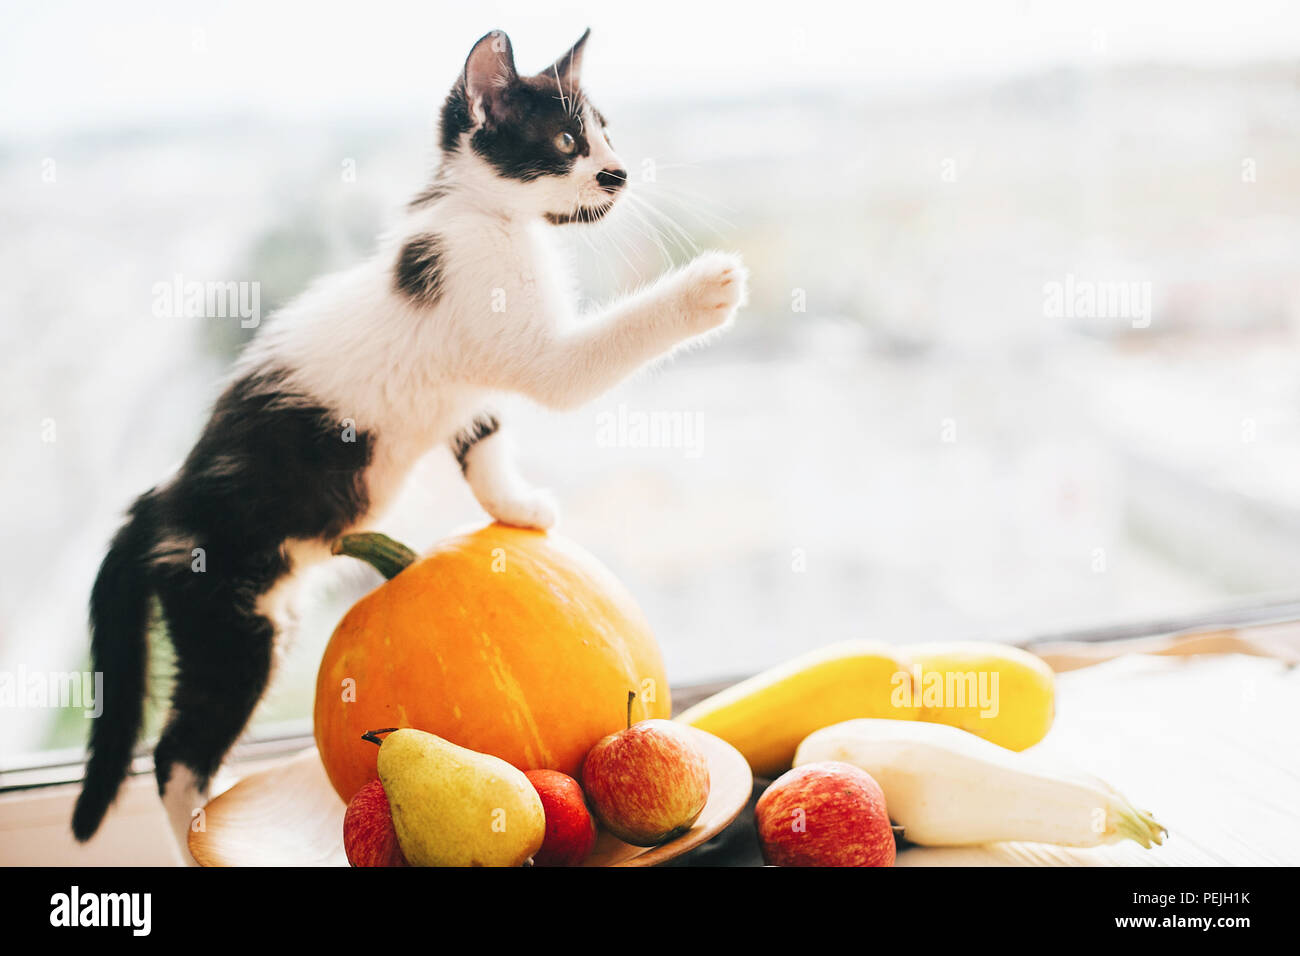 Happy Thanksgiving Und Halloween Ernte Hallo Herbst Konzept Mit Platz Fur Text Adorable Kitty Auf Kurbis Zucchini Apfel Erbse Sitzen